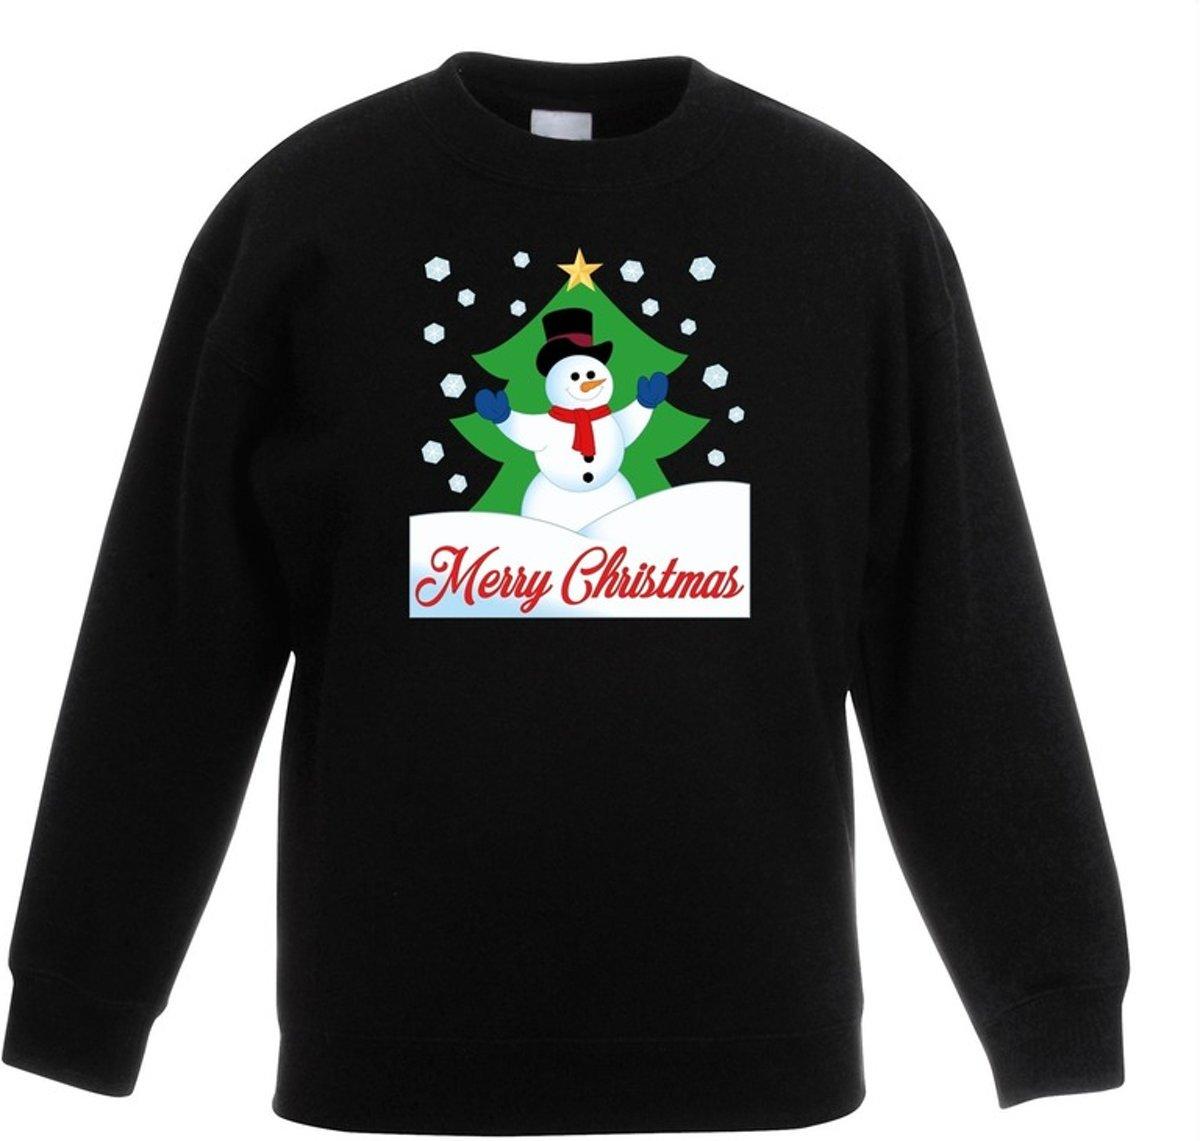 Zwarte kersttrui sneeuwpop voor kerstboom voor jongens en meisjes - Kerstruien kind 14-15 jaar (170/176) kopen